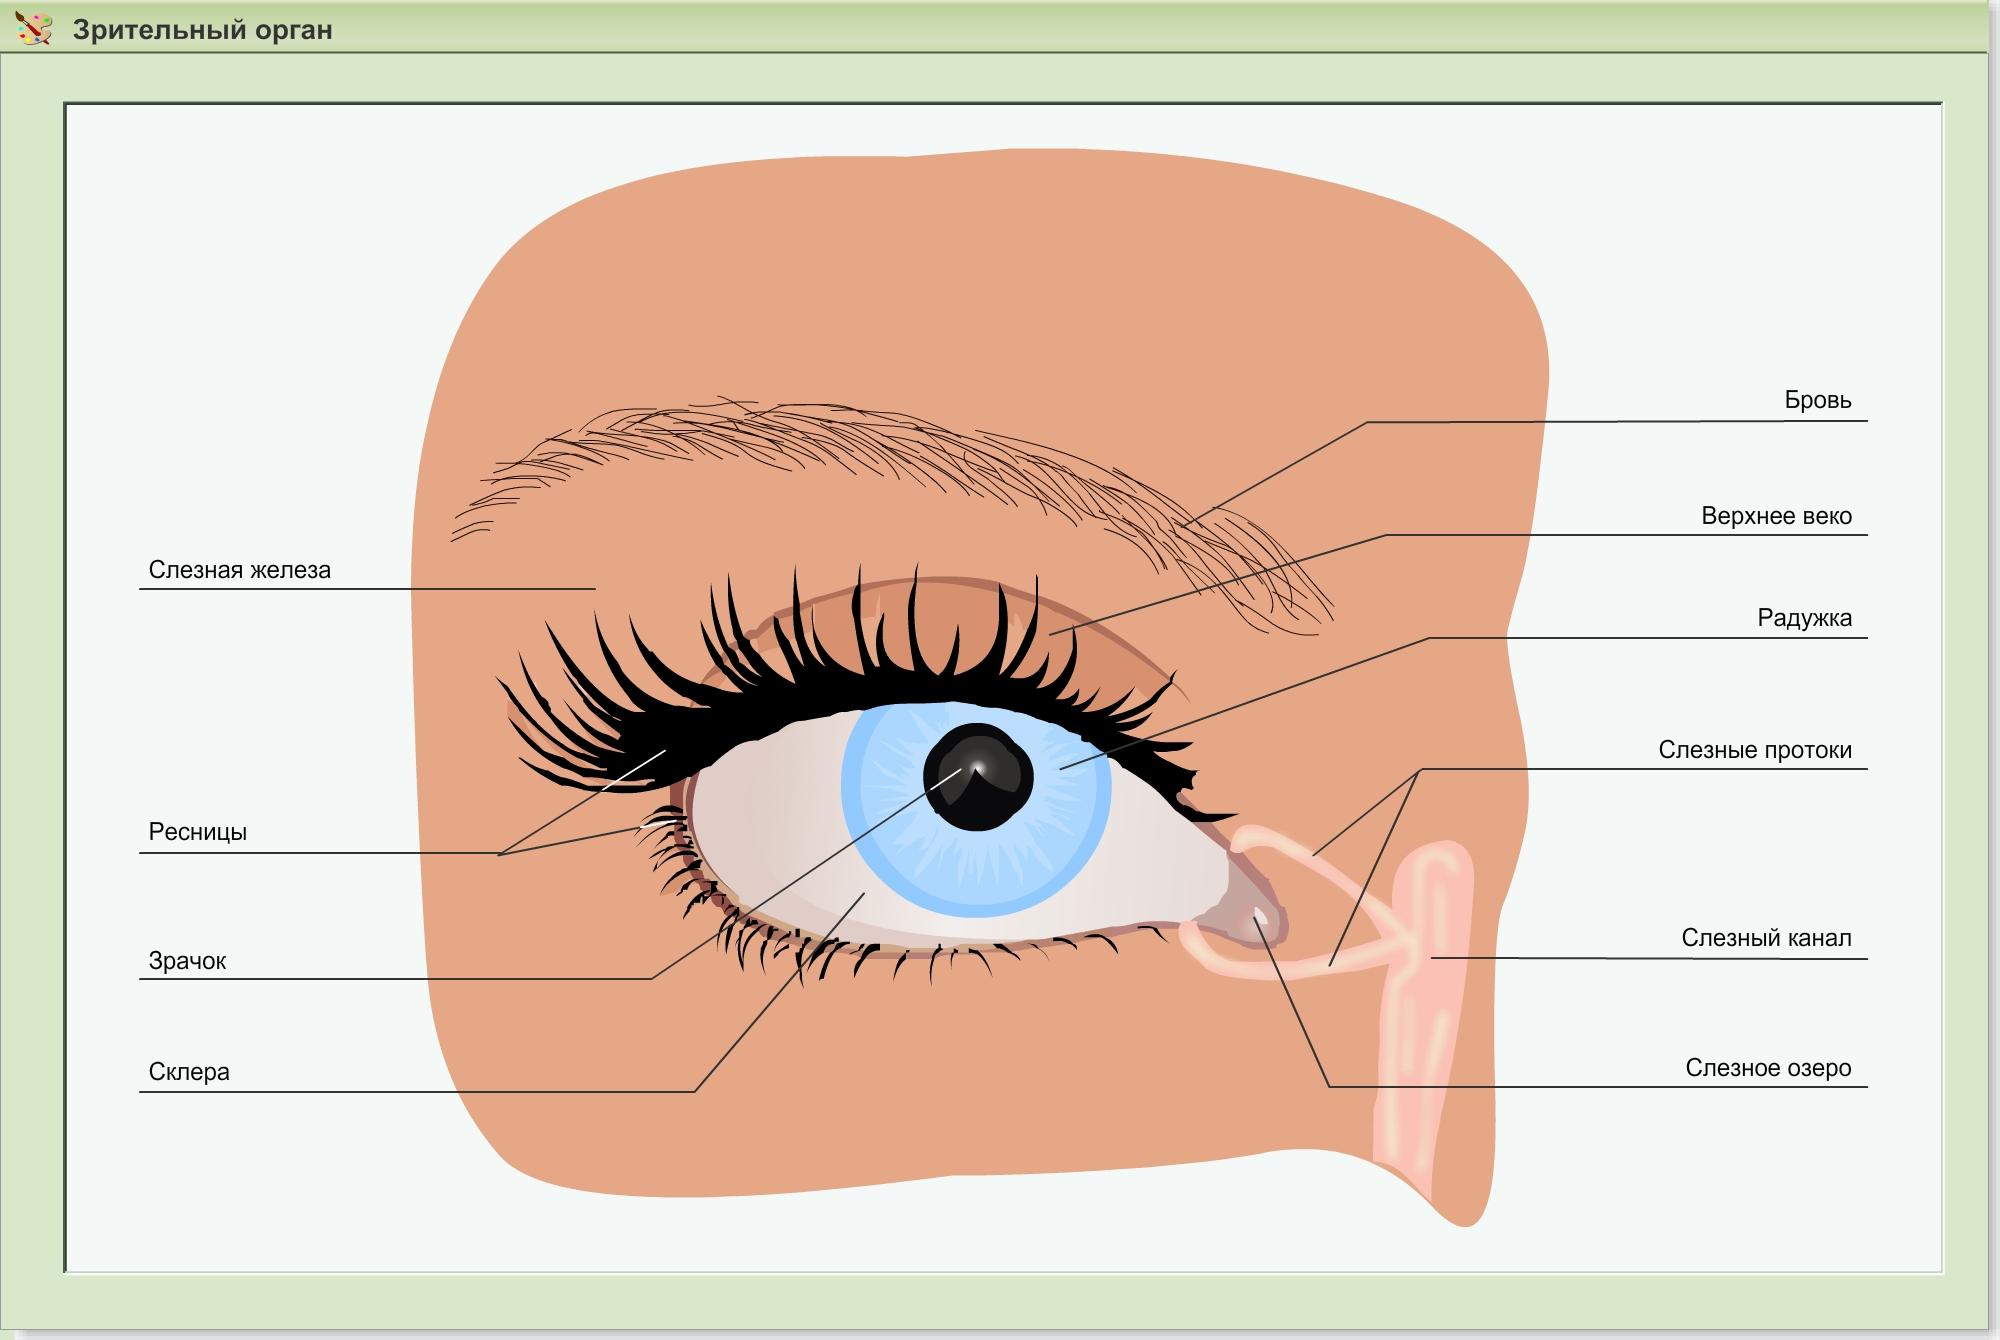 Строение глаза человека: структура, анатомия